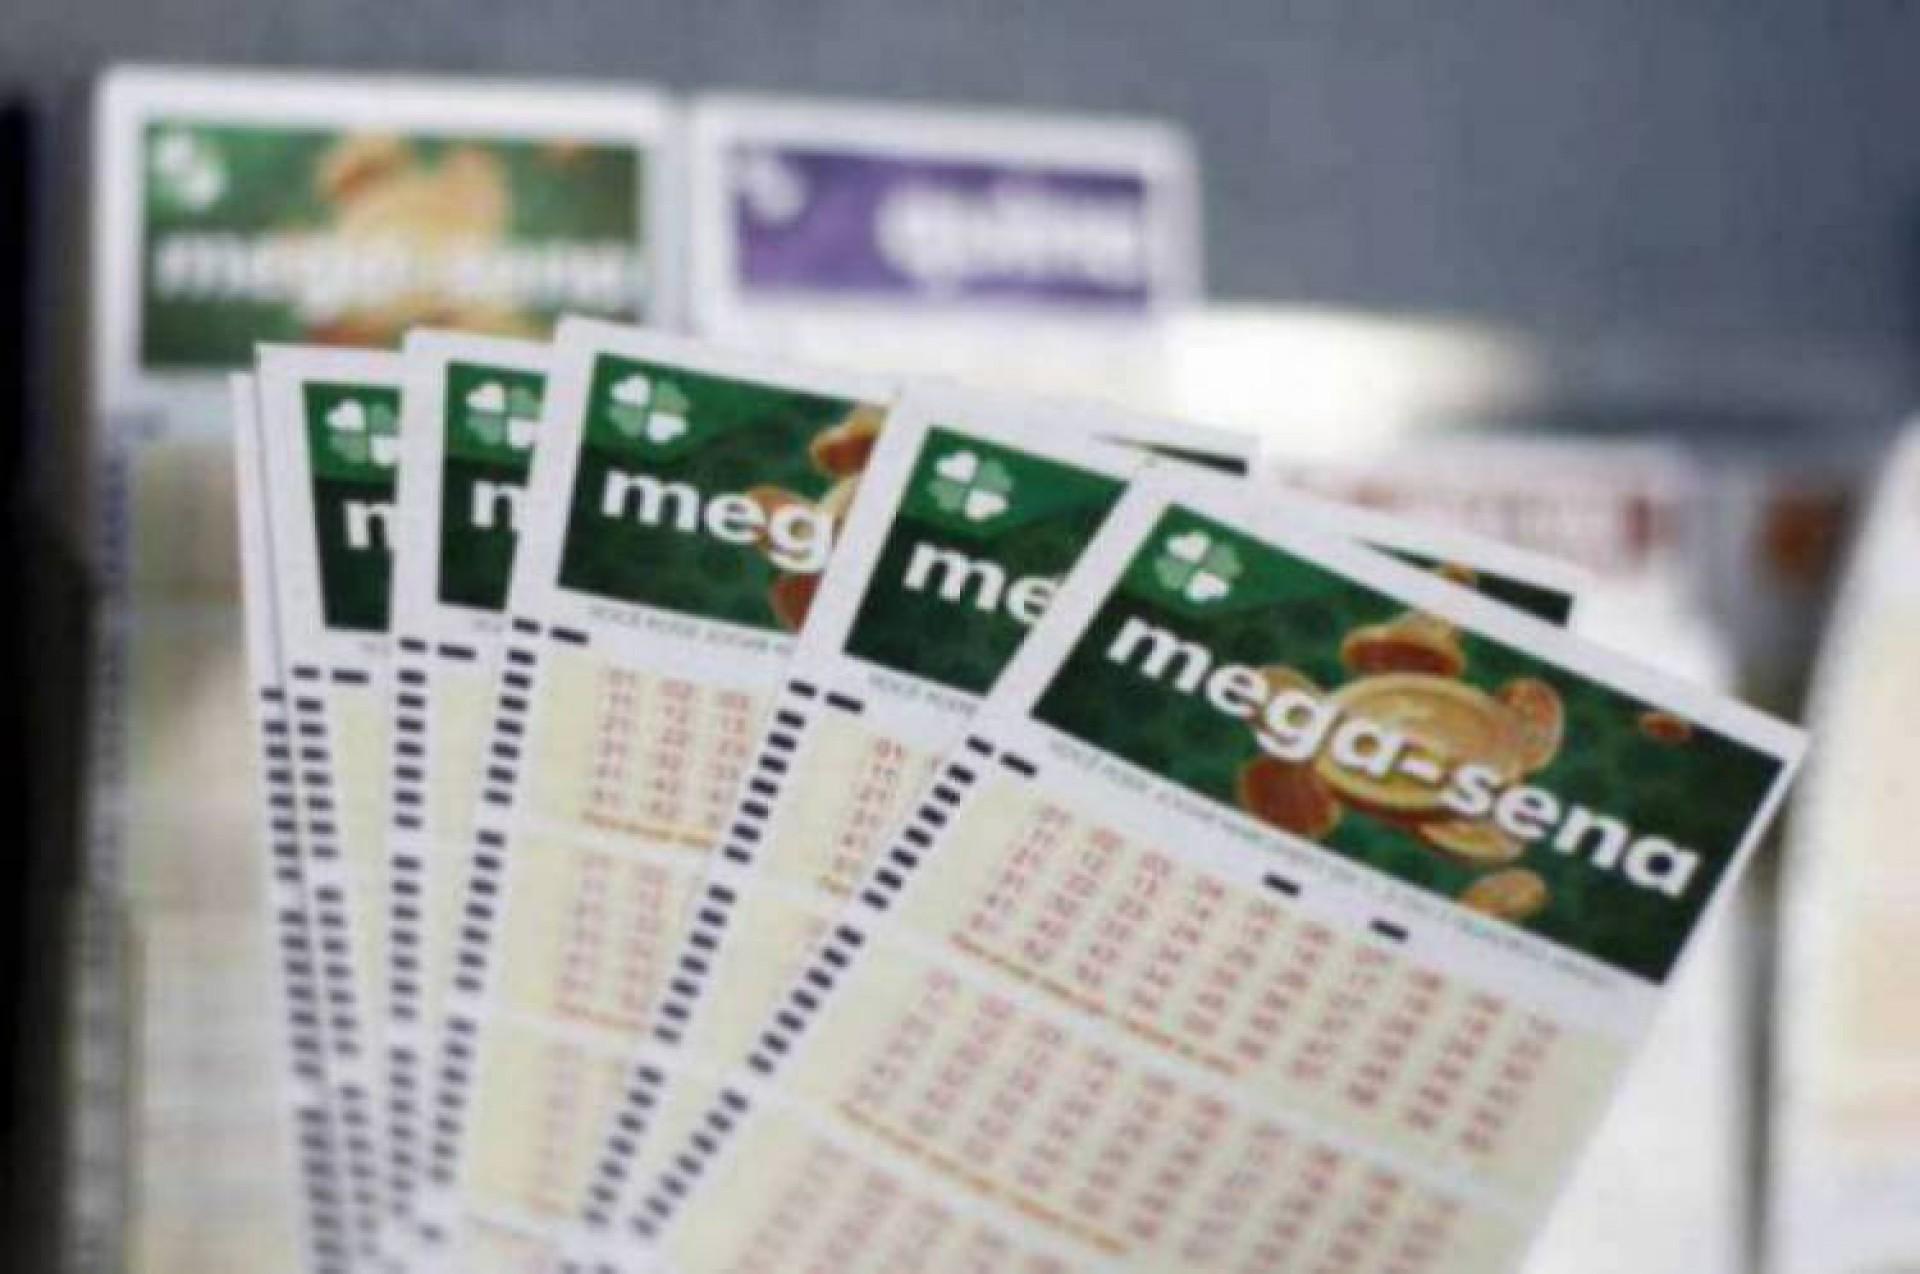 Loterias da Caixa Econômica Federal (Foto: Deísa Garcêz)